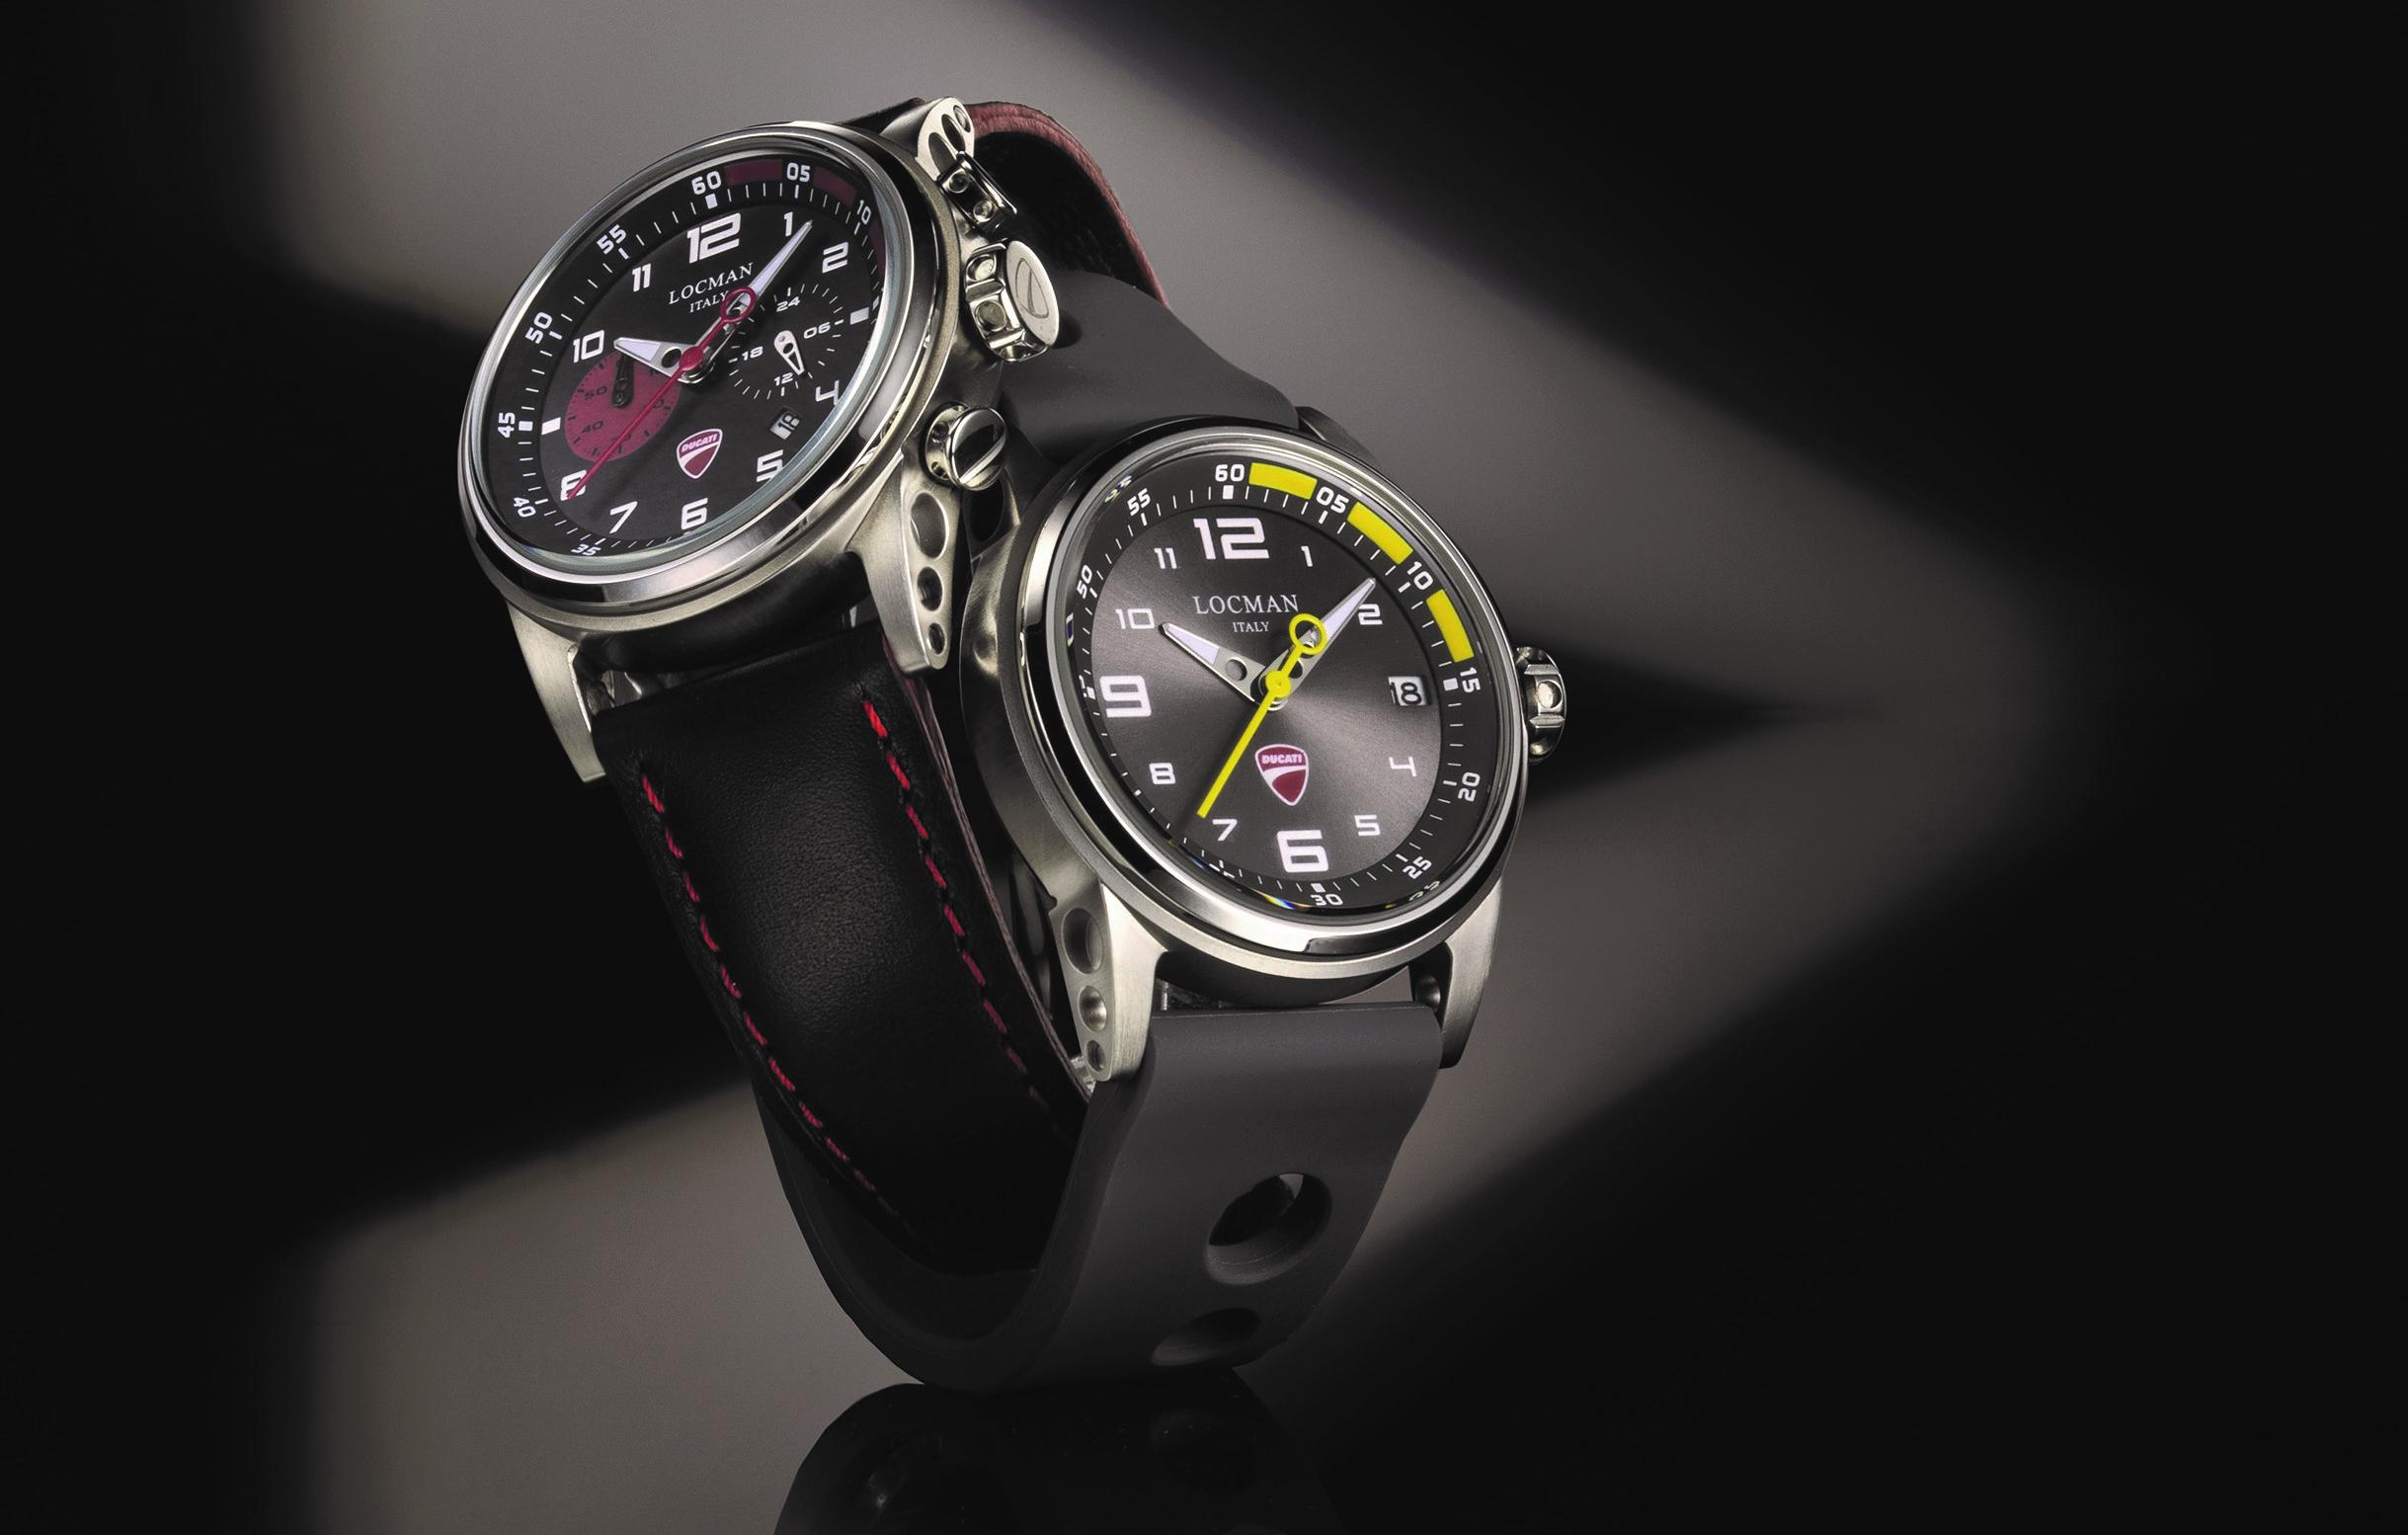 5069f950358 Nova coleção de relógios Ducati-Locman